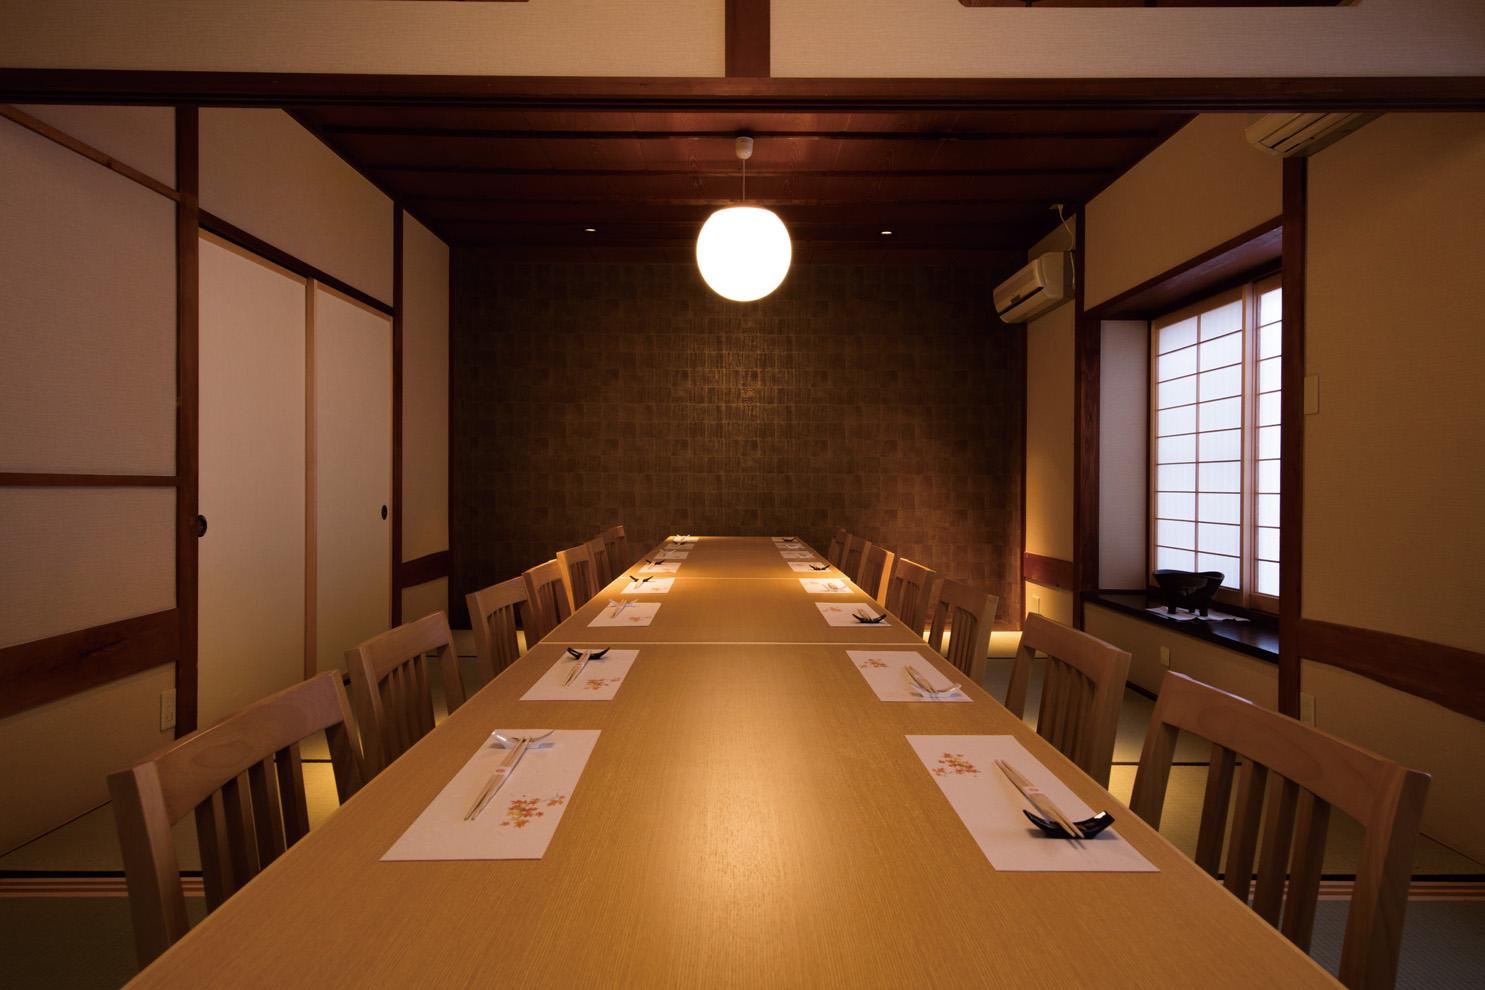 8人まで対応する個室のほか、18人まで対応する半個室も。お座敷か高座椅子かが選べます